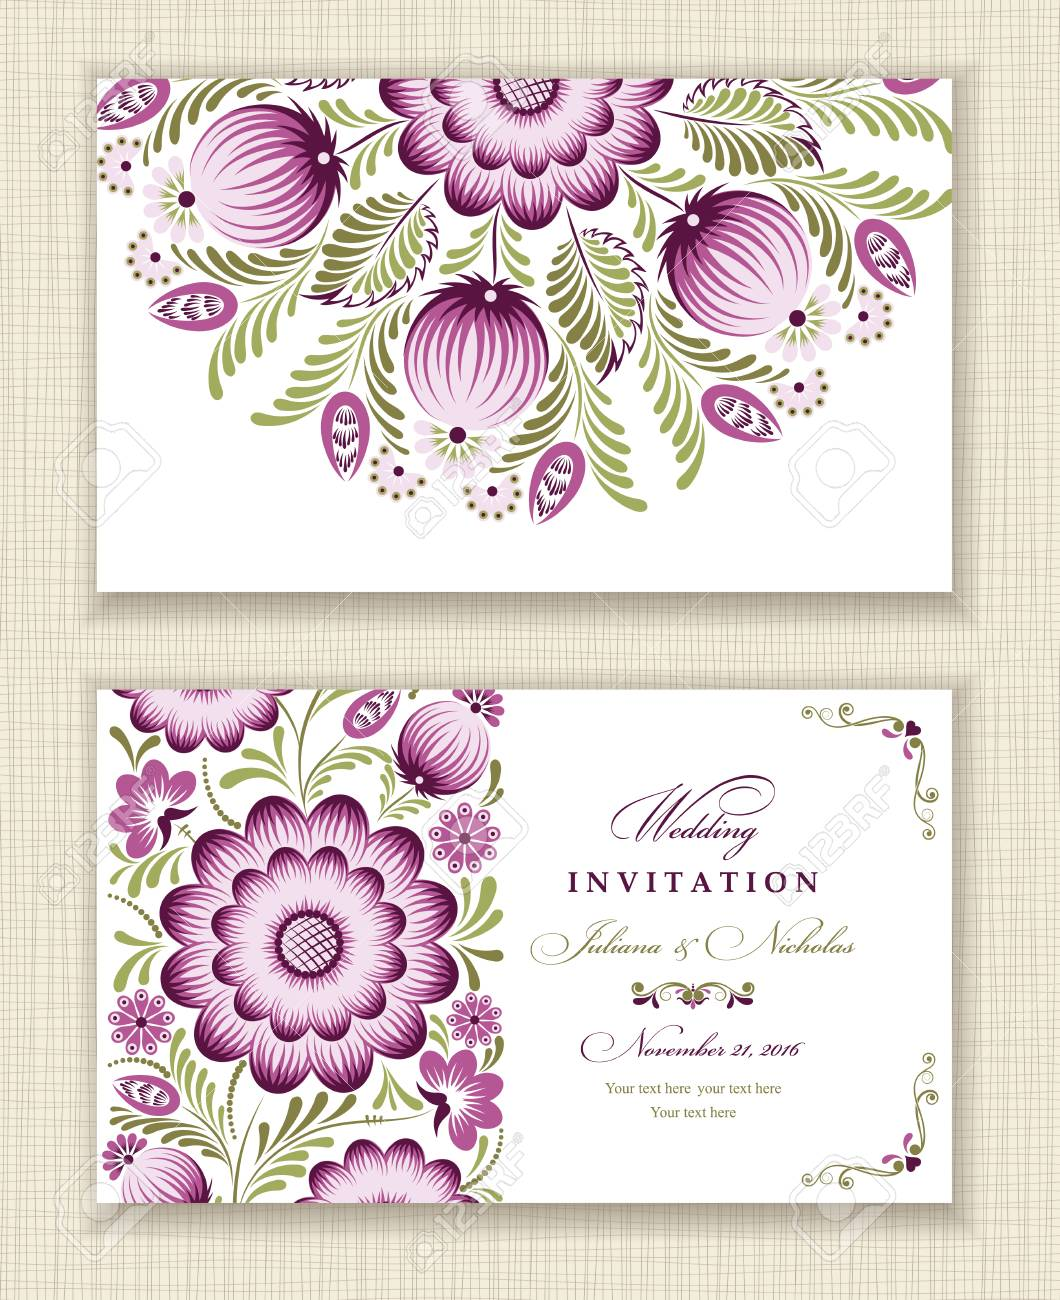 carte d invitation de mariage style ethnique le cote avant et arriere modele d ete de fleurs et de feuilles